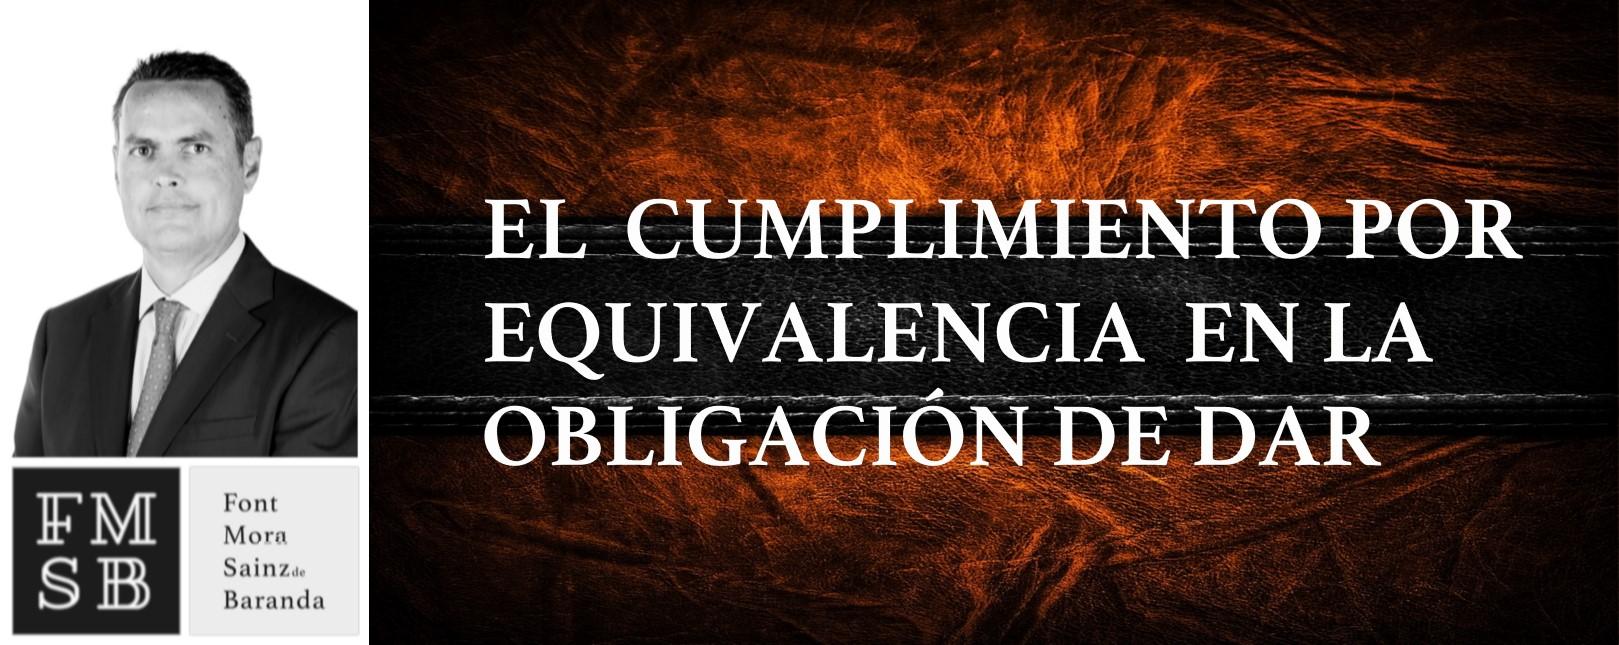 El cumplimiento por equivalencia en la obligación de dar - Cristóbal Mora - FMSB Abogados